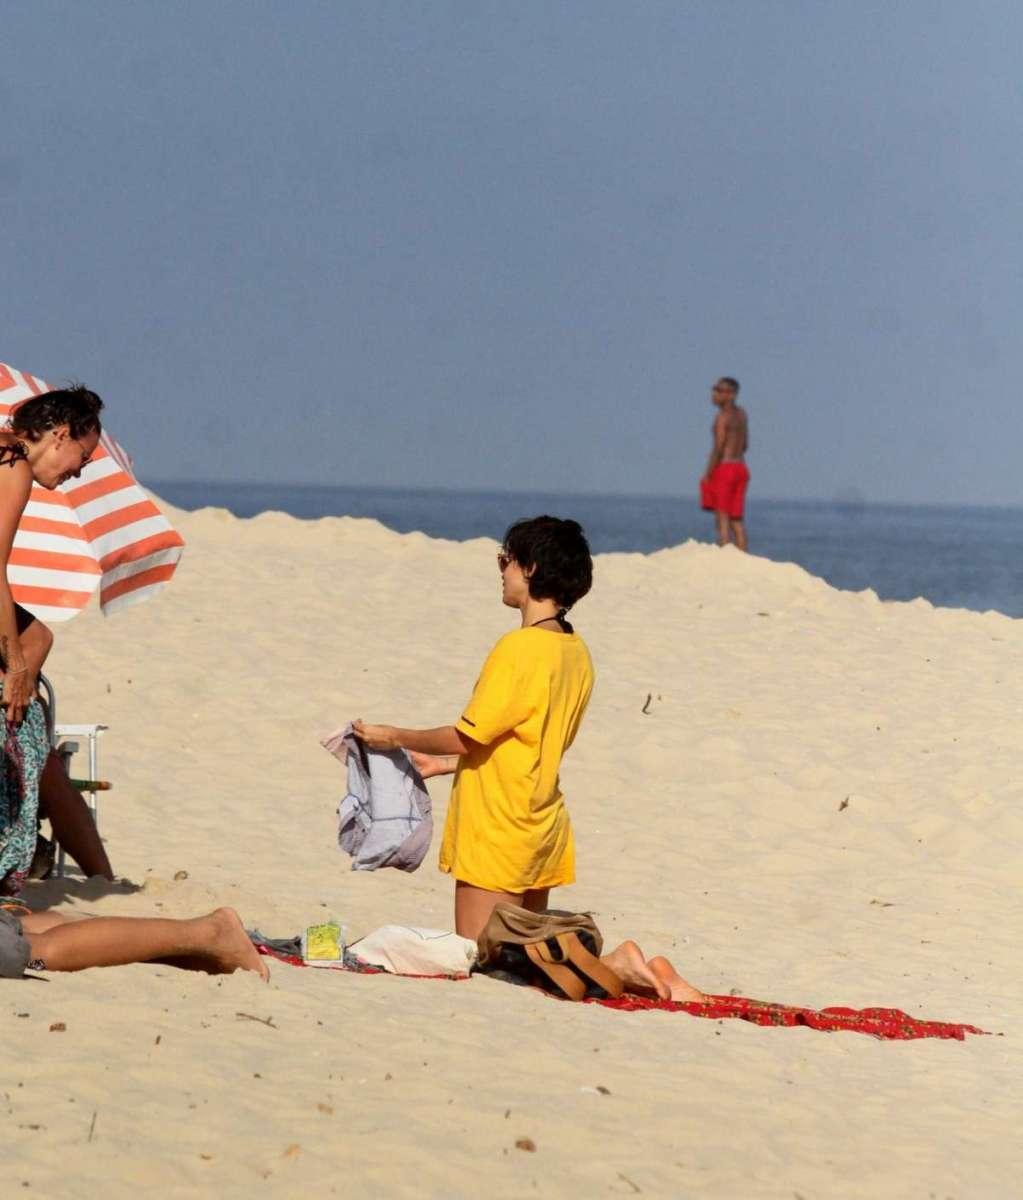 Nanda costa curte praia com a namorada a percussionista lan lanh o dia divers o - Cat costa o piscina in curte ...